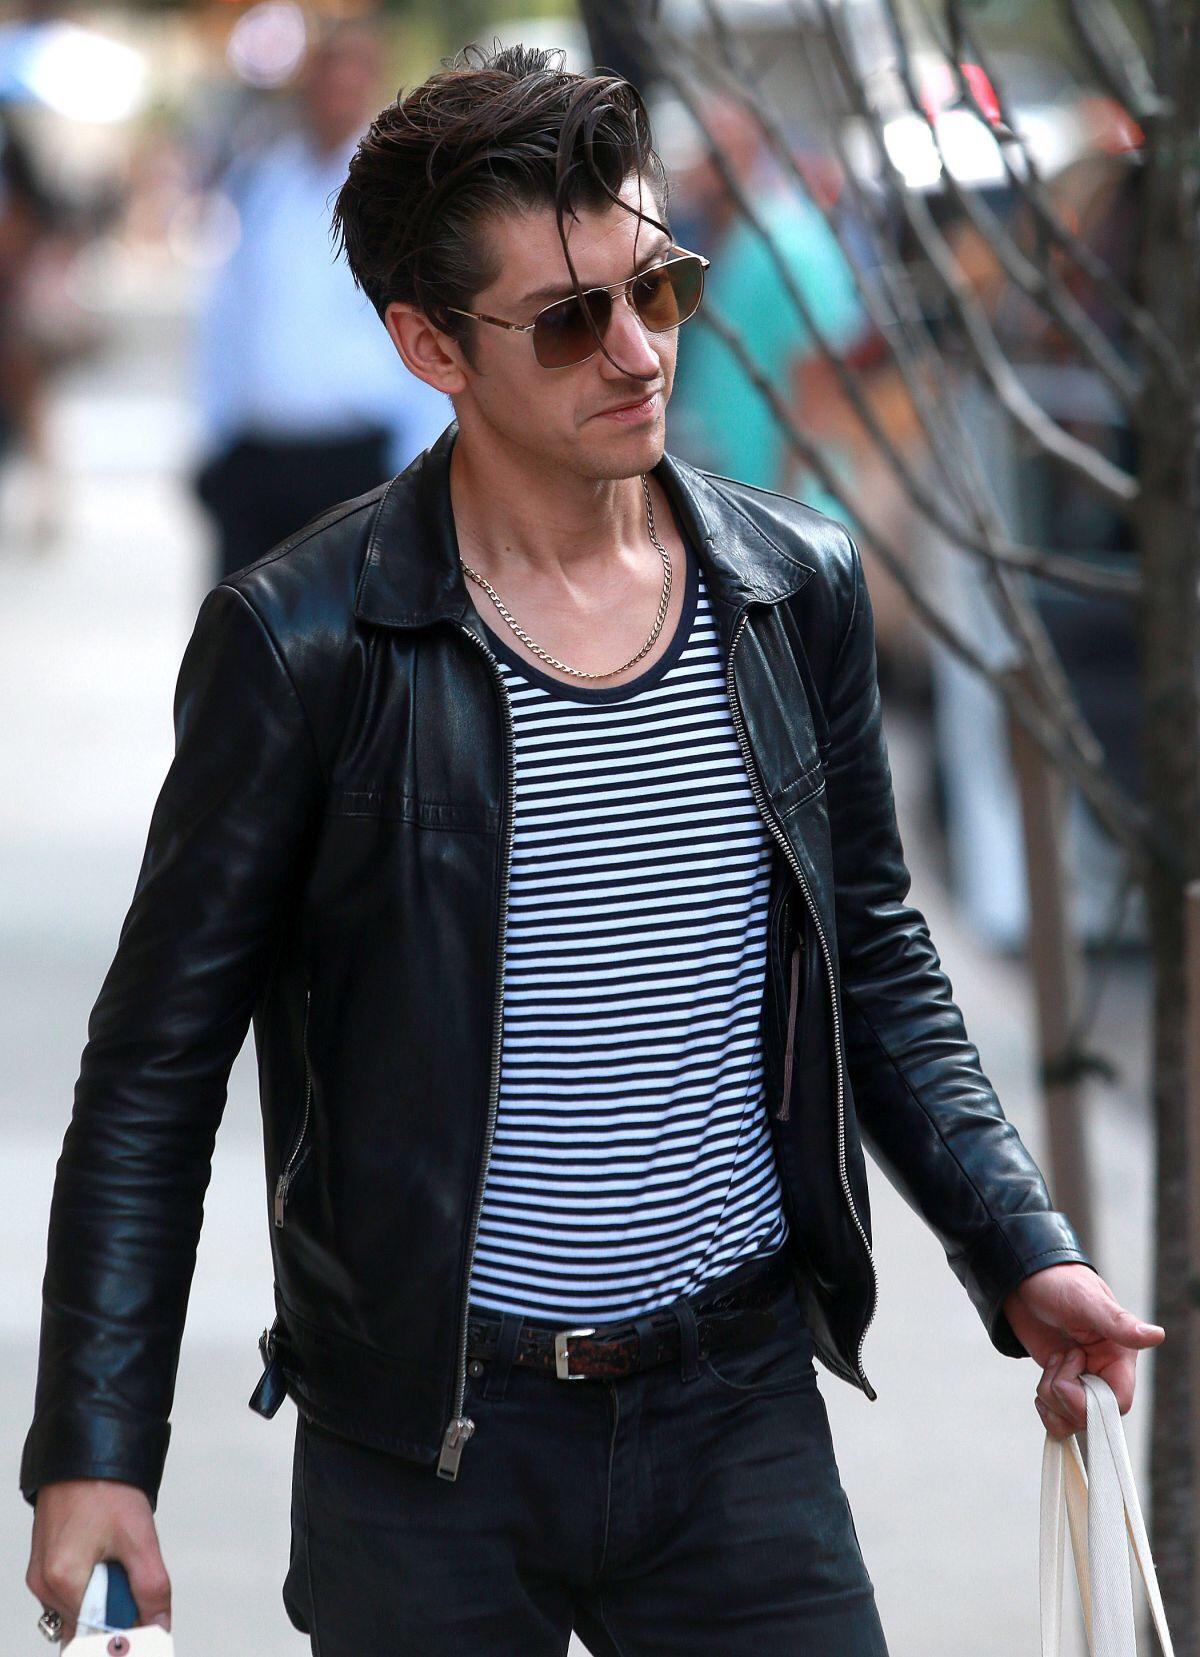 Saint Laurent Paris Saint Laurent Leather Jacket By Hedi Slimane Grailed